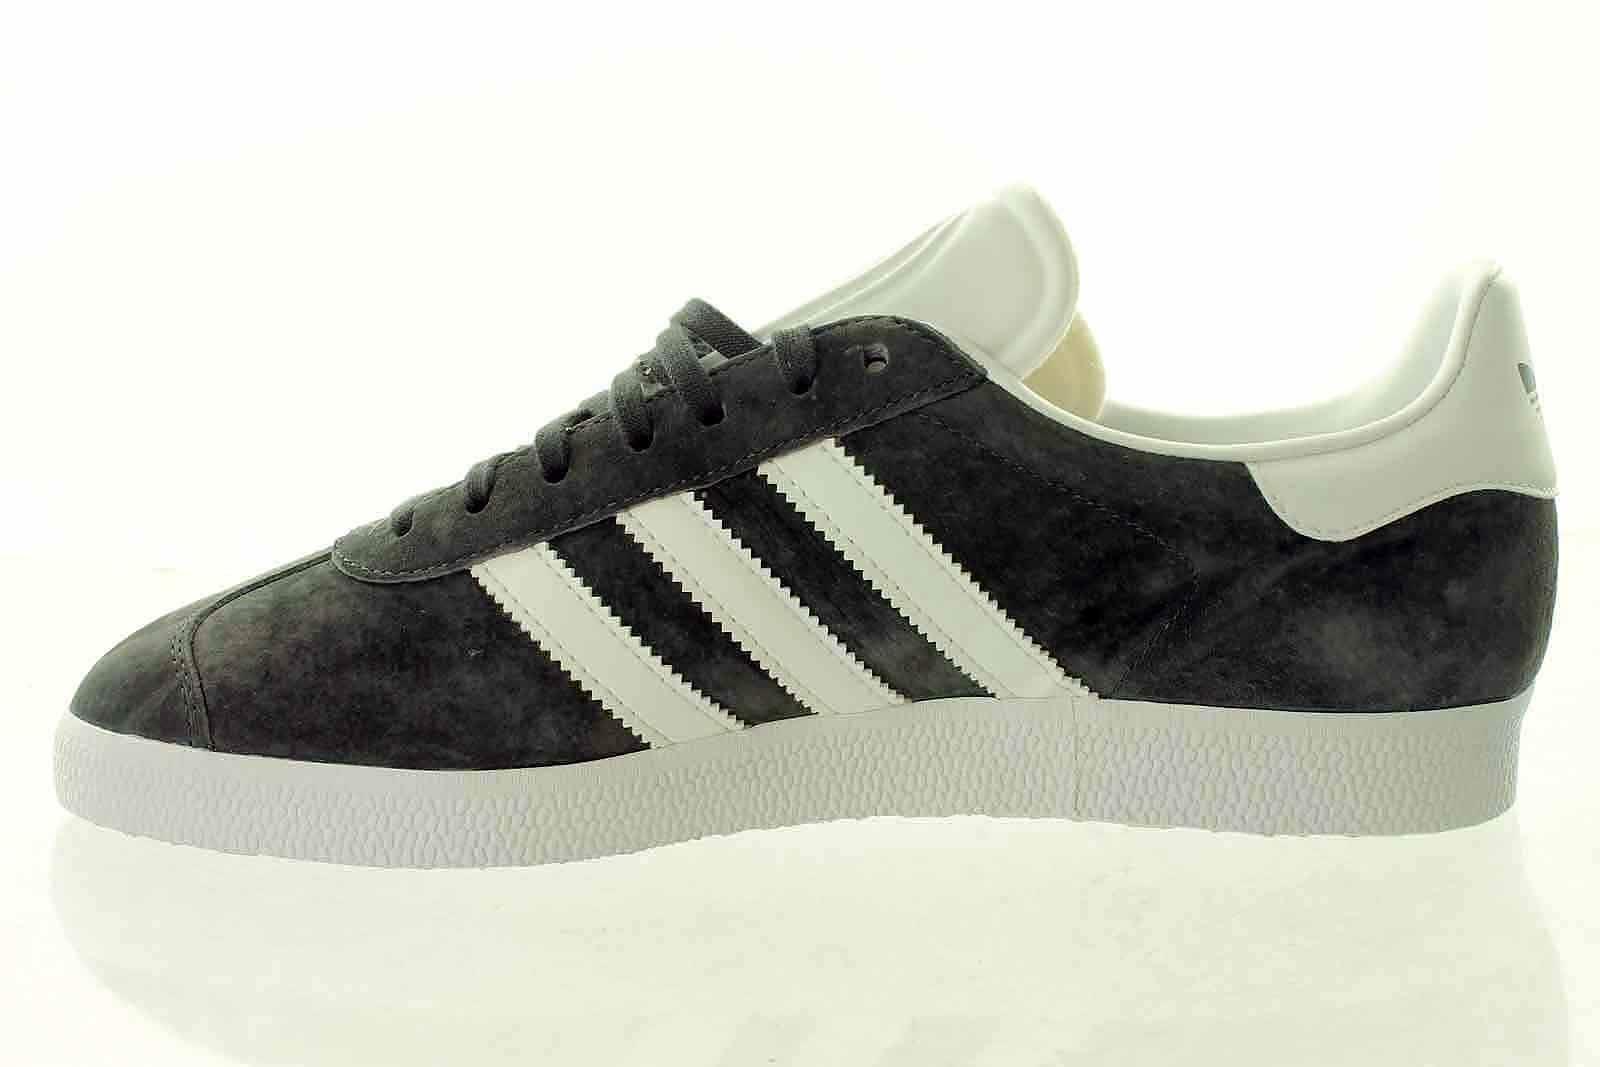 Sneakers Adidas Gazelle 2 Gr. 43 1/3 US 9.5